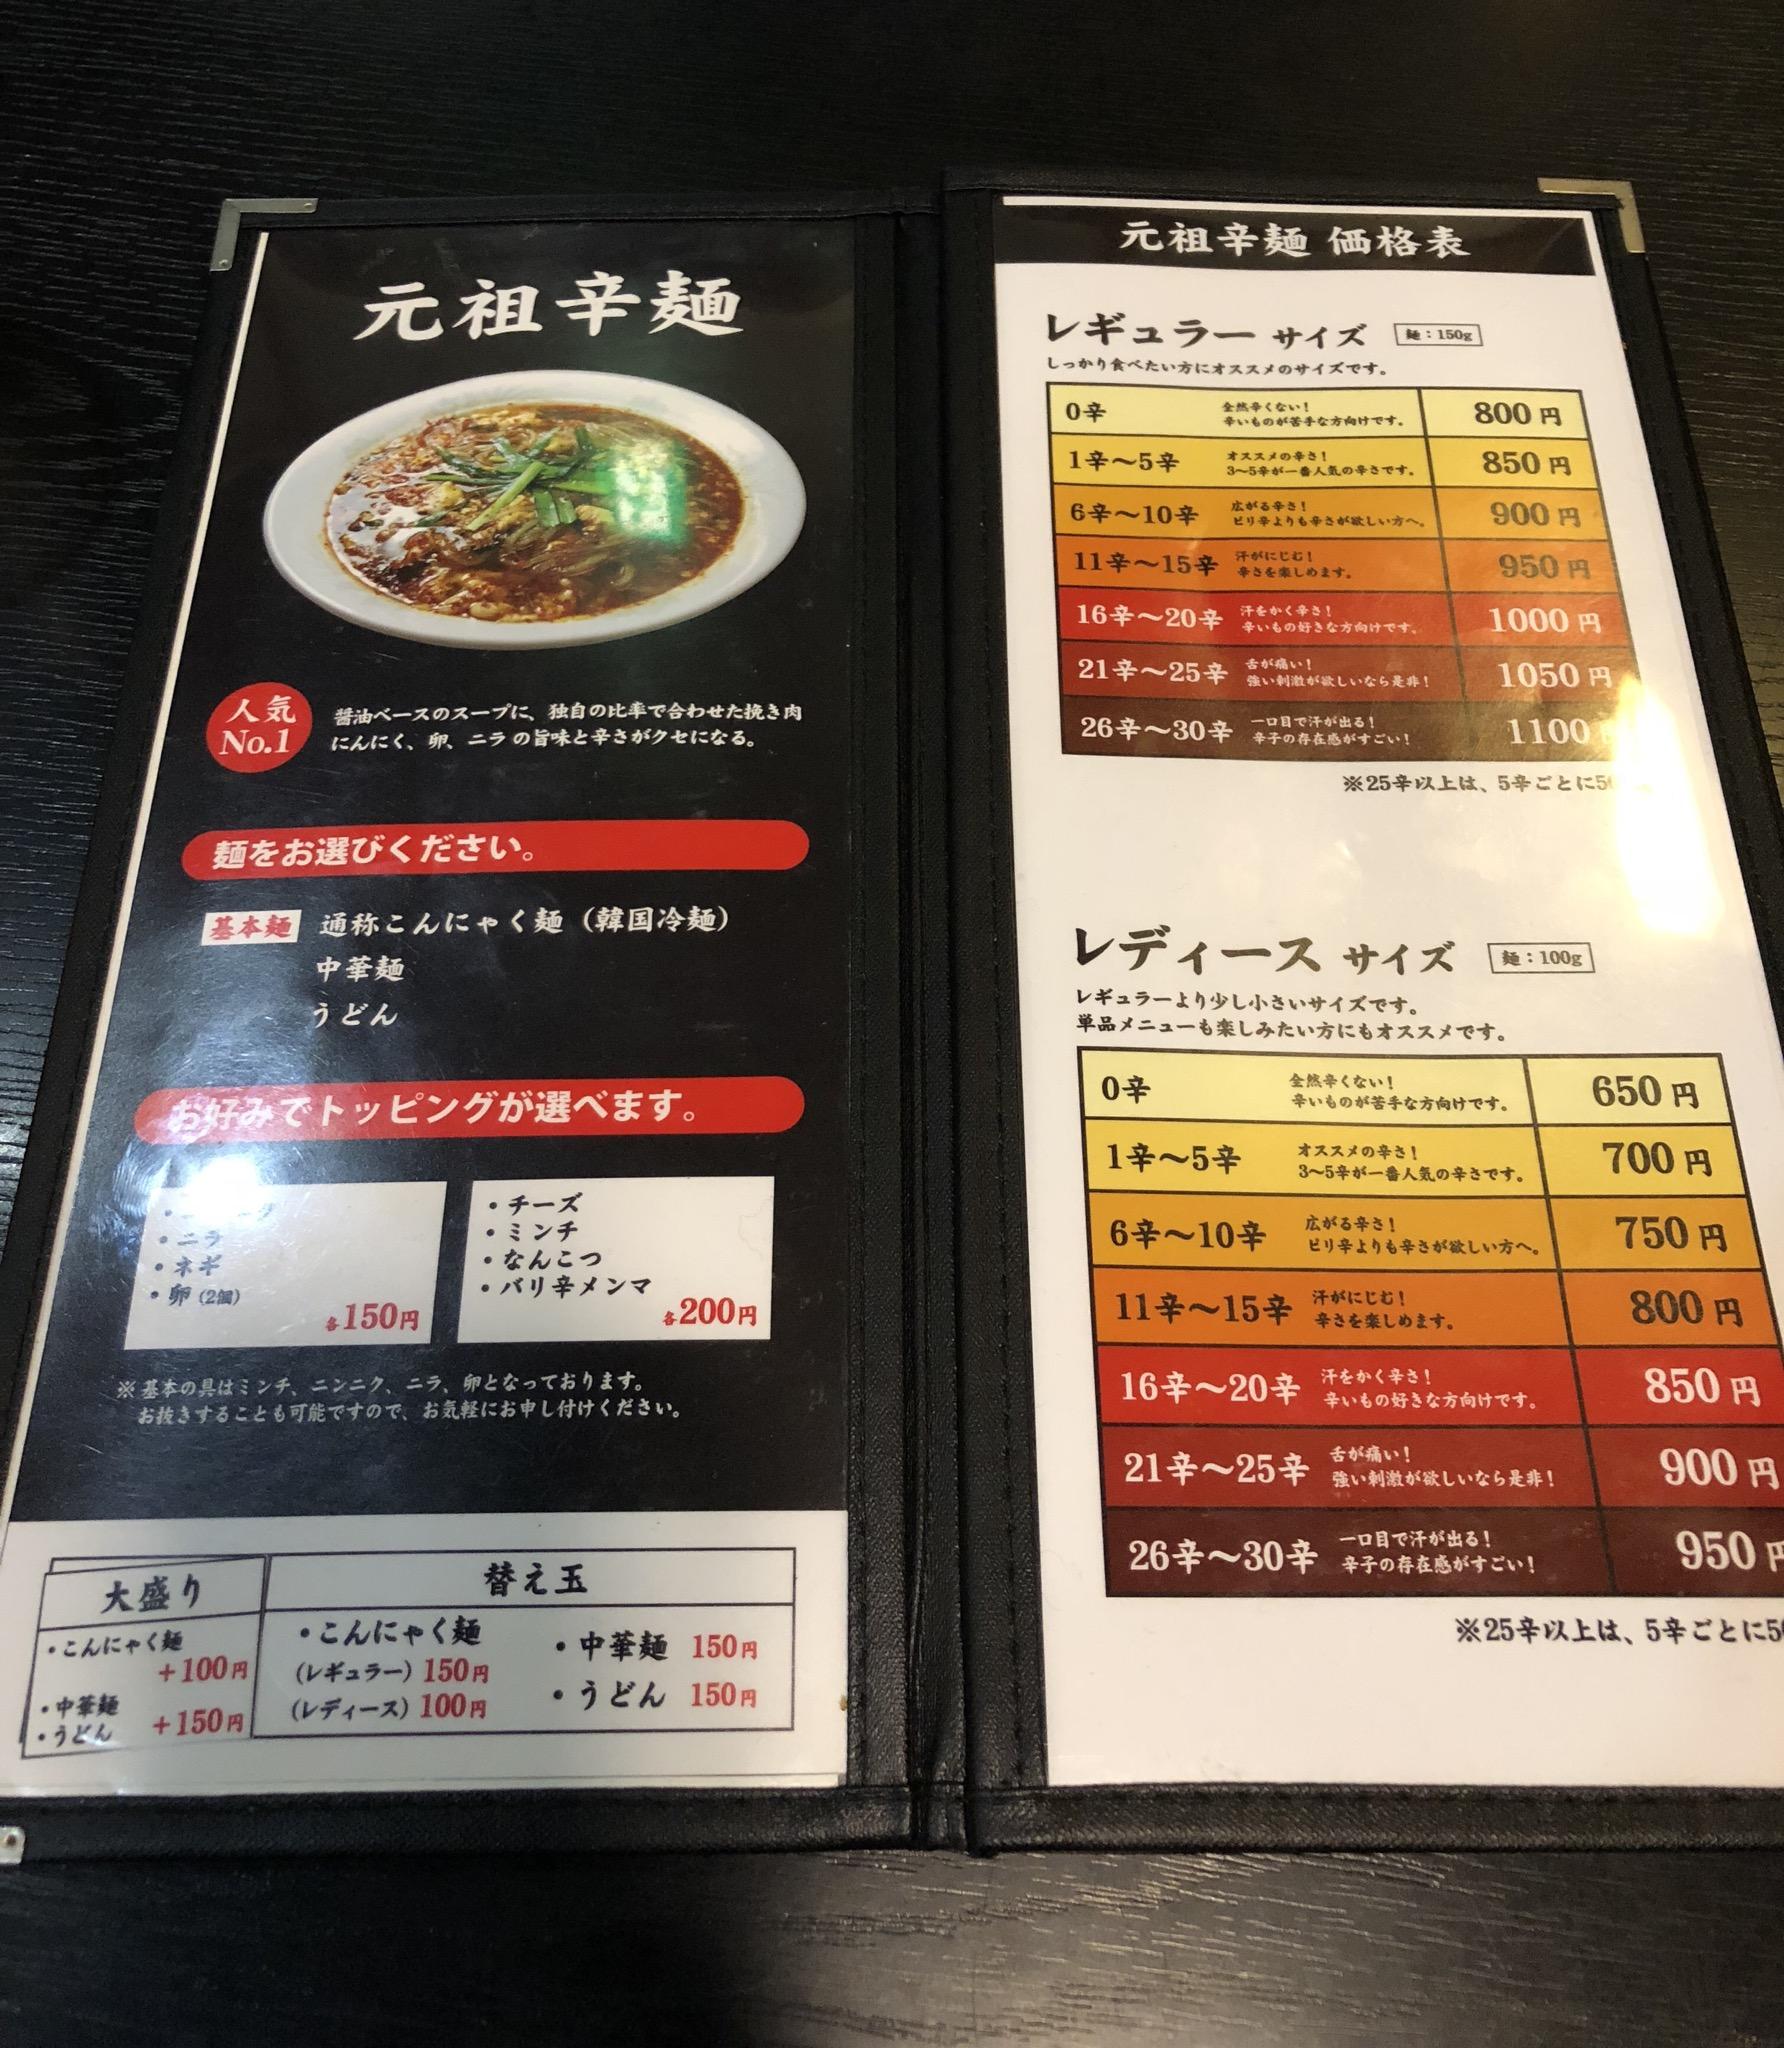 辛麺屋 桝元のメニュー